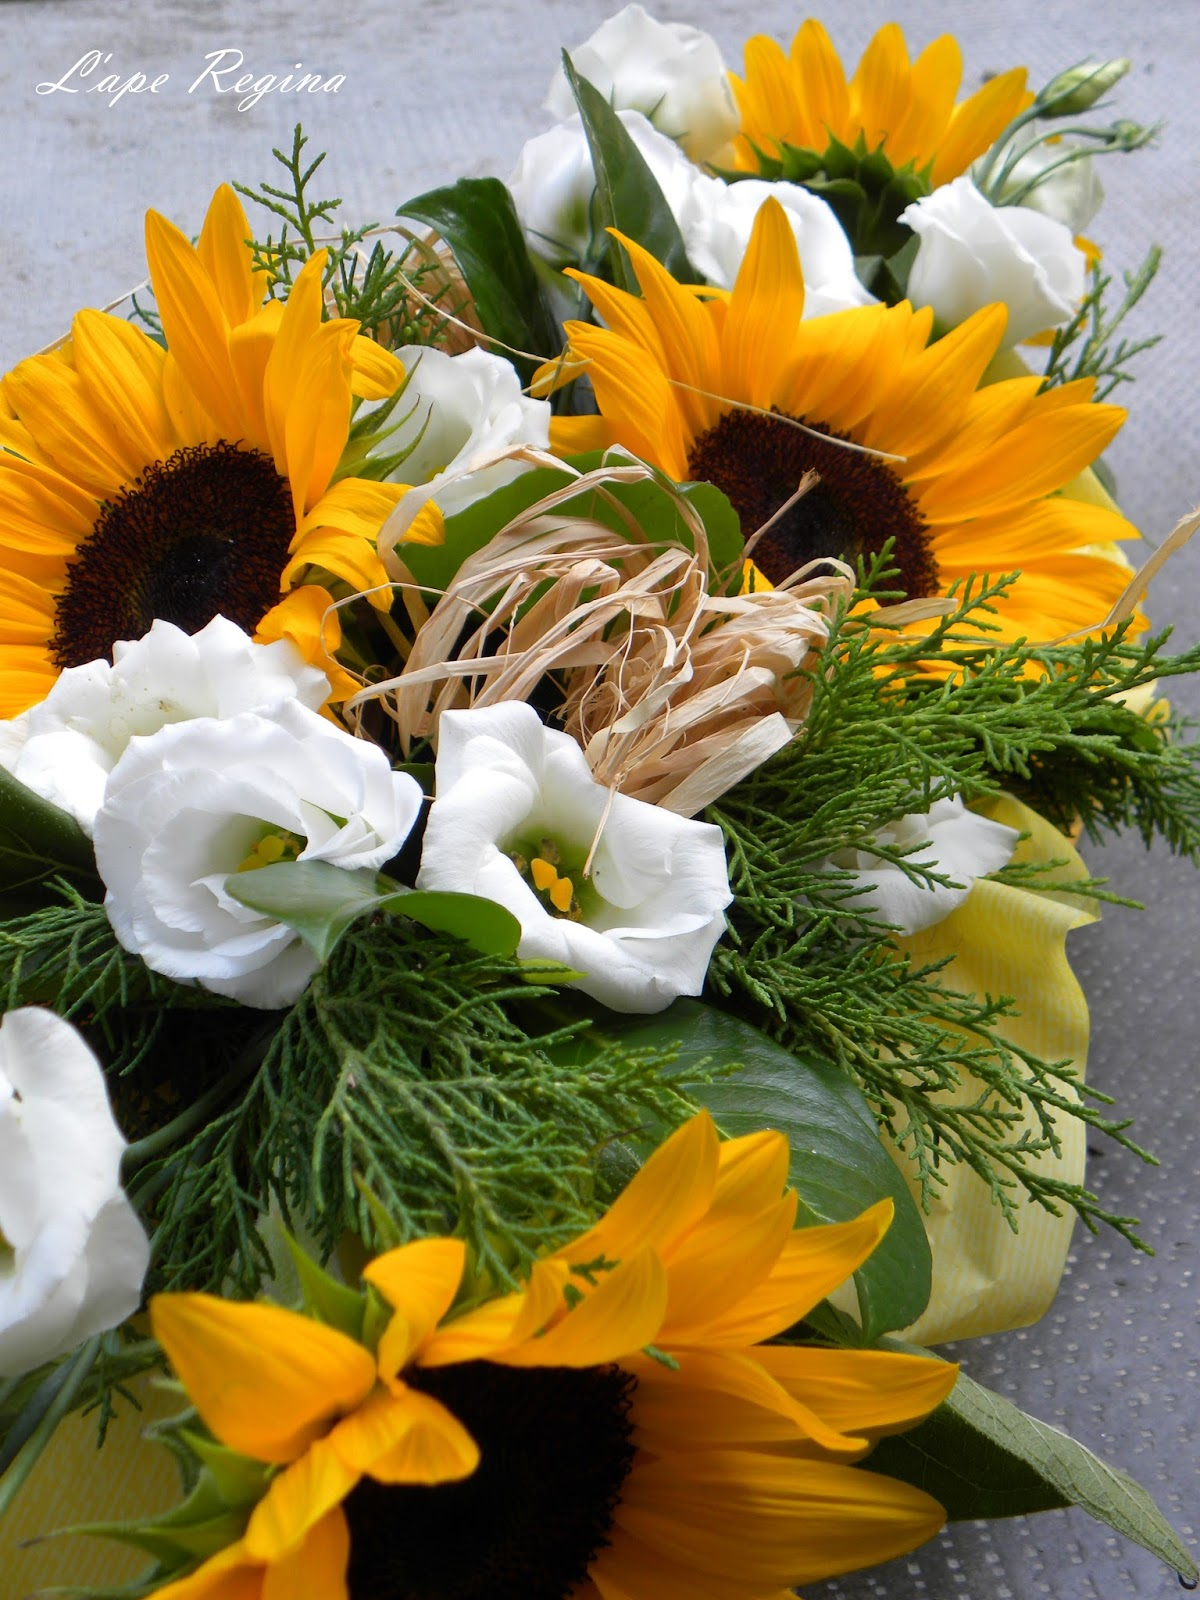 Girasoli Al Matrimonio : Fioreria l ape regina silvia e davide sposi